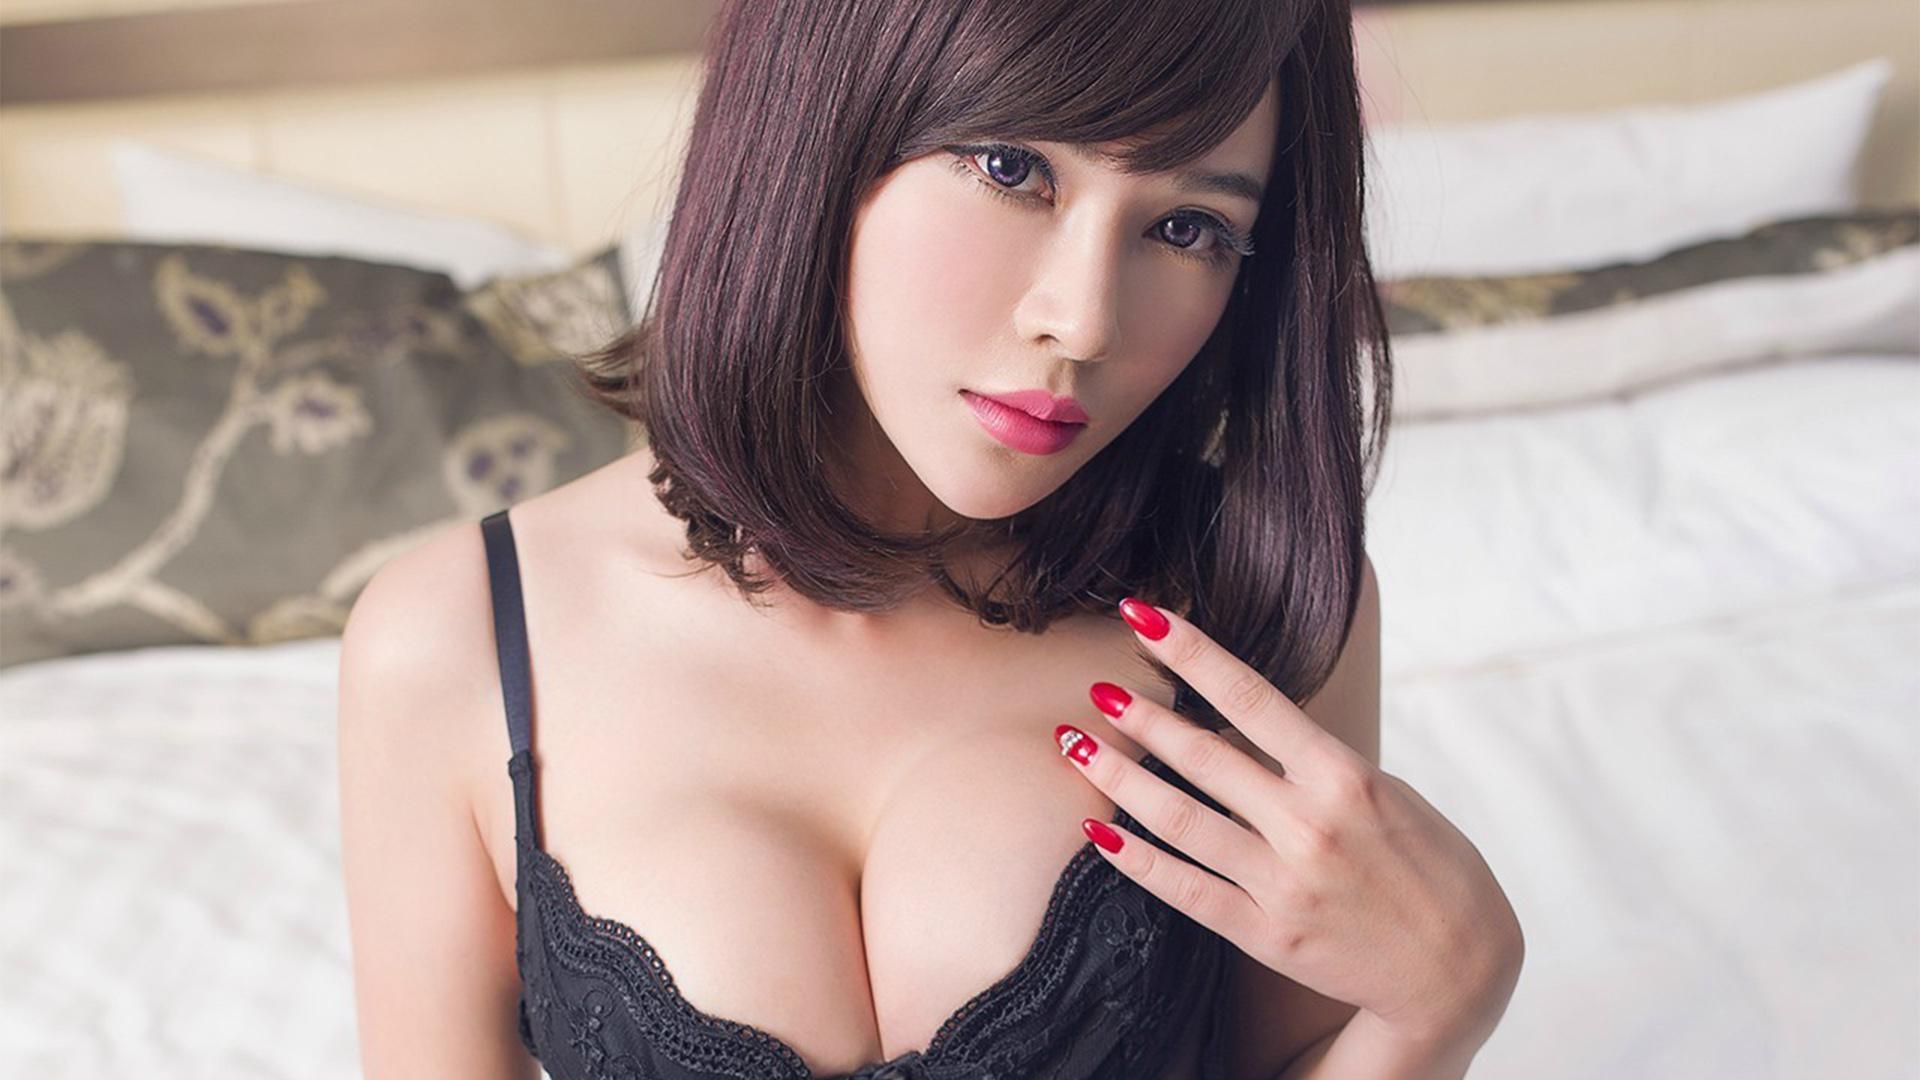 诱惑性感美女高清黑丝情趣内衣诱人写真桌面壁纸